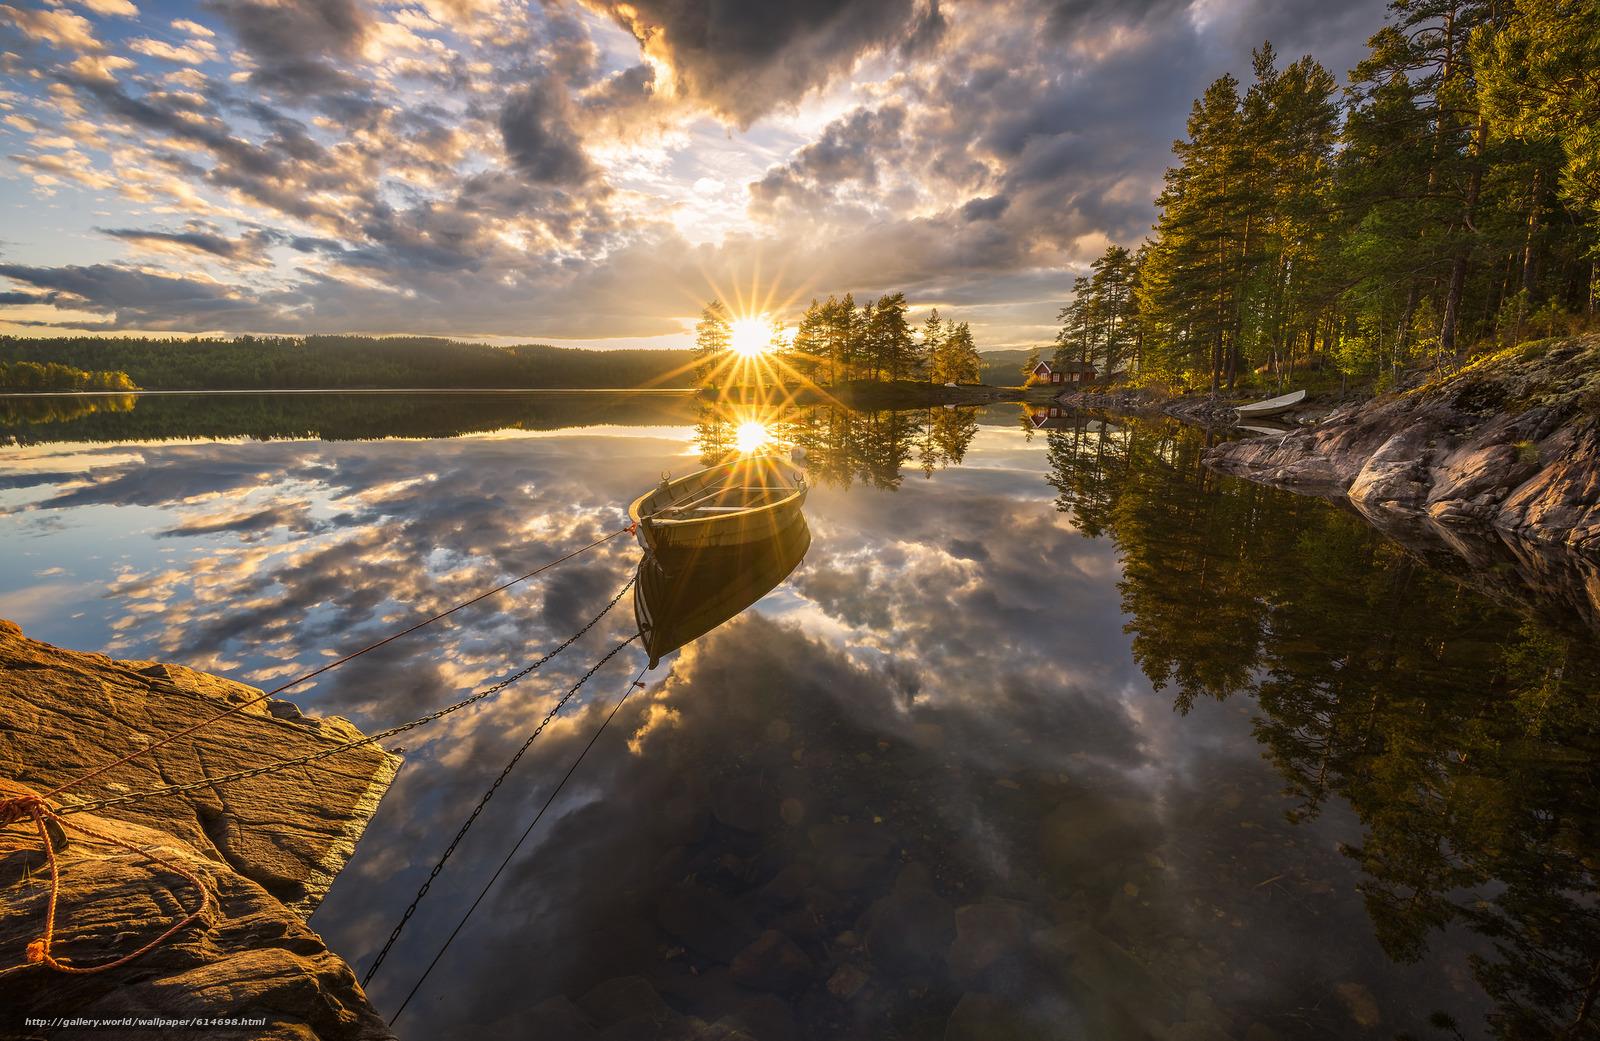 Ringerike, Norway, Рингерике, Норвегия, озеро, закат, отражение, лодка, деревья